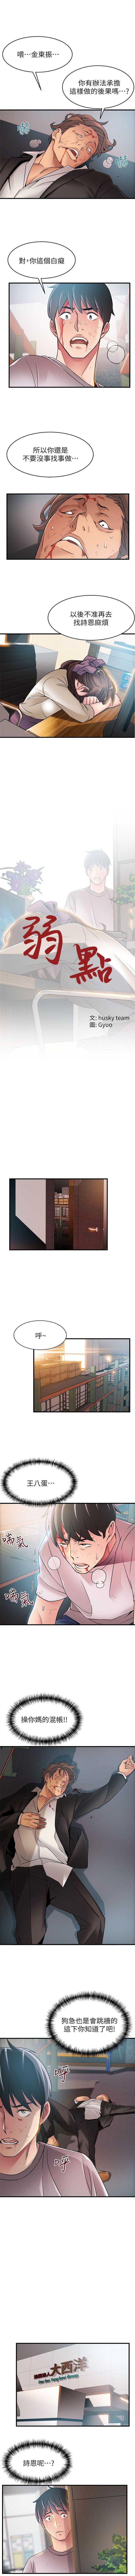 (周7)弱点 1-66 中文翻译(更新中) 179